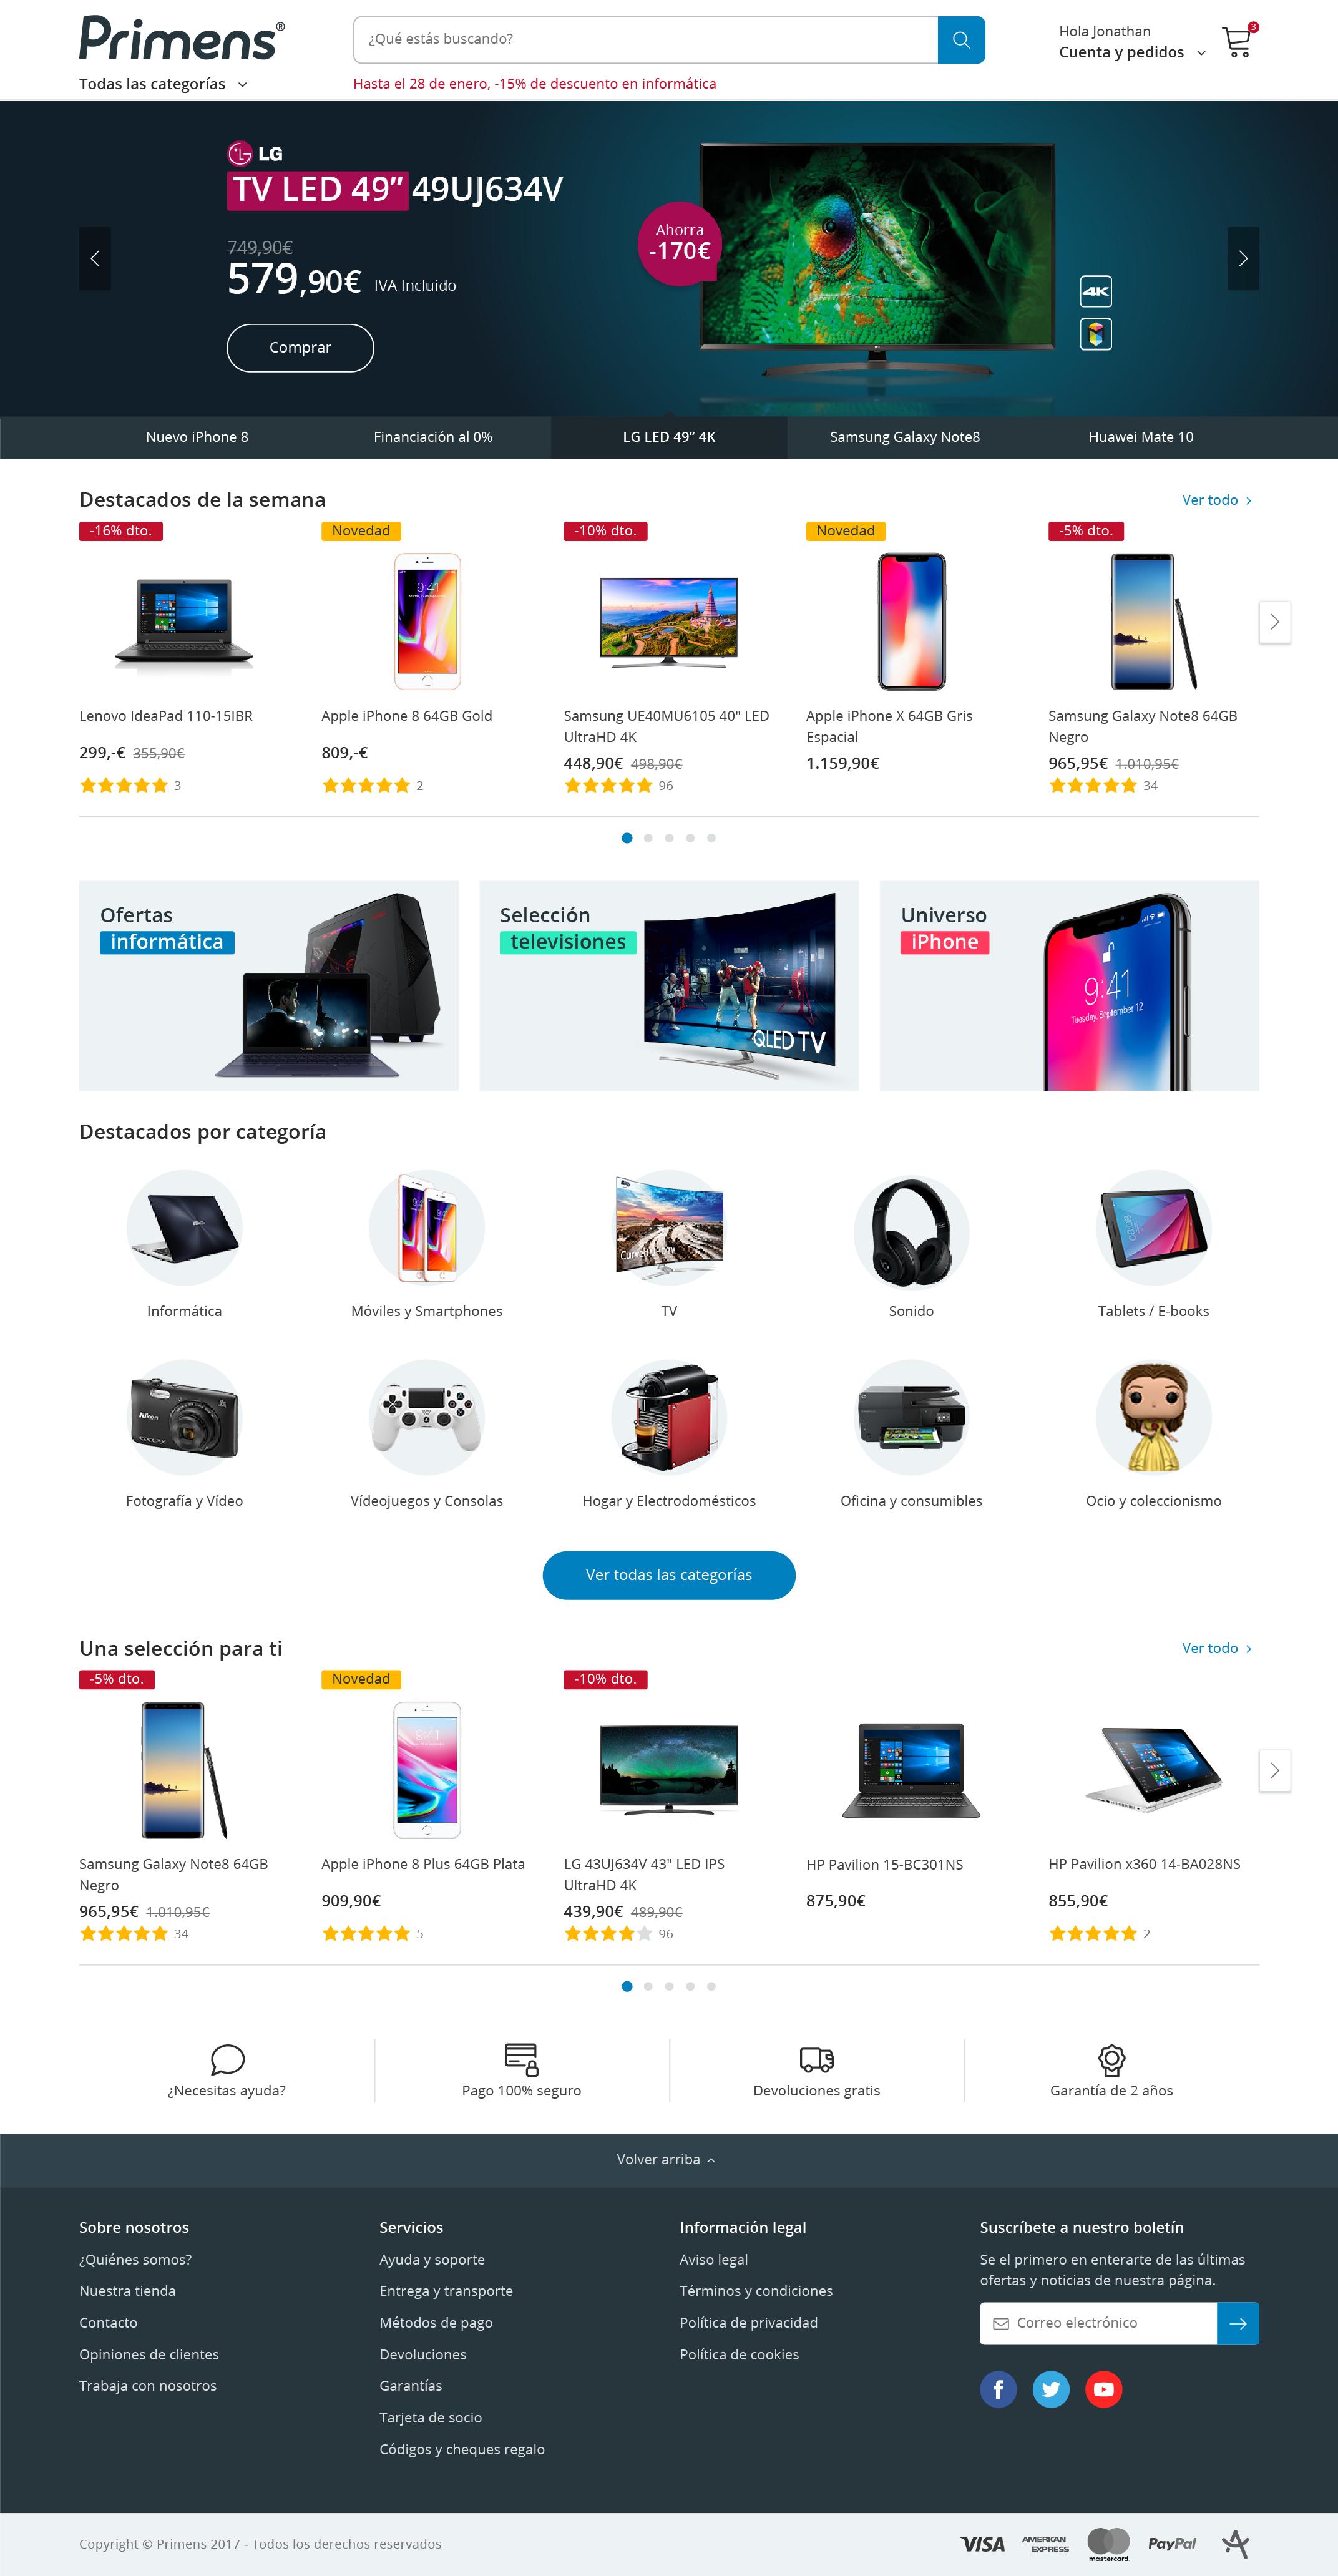 Primens home page design